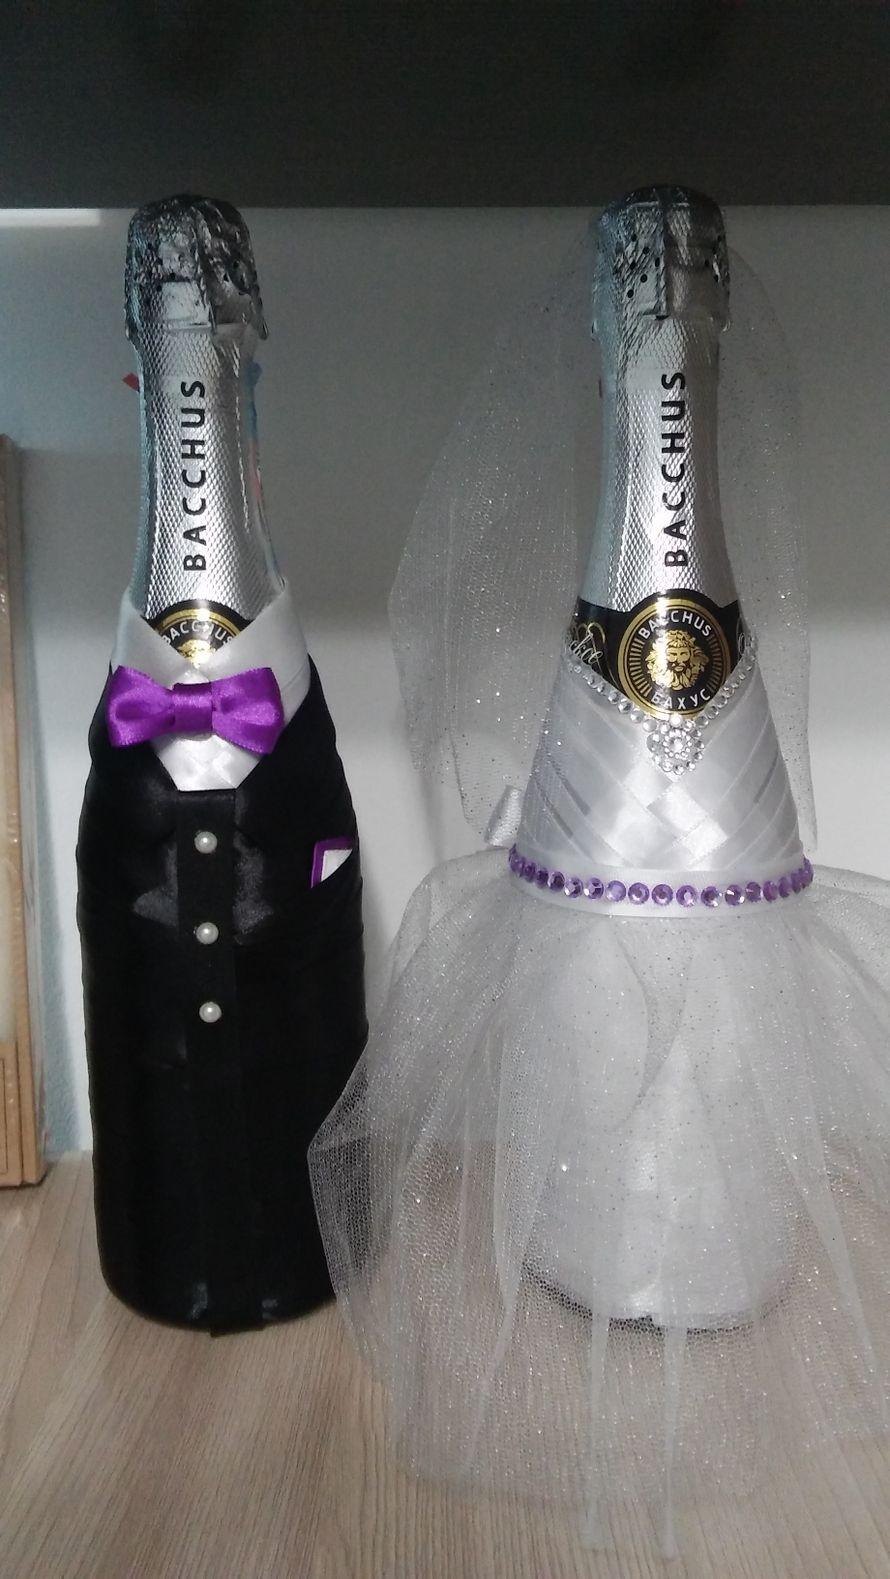 Оформление бутылок Шампанского на свадьбу, Юбилеи. НЕДОРОГО. - фото 15276824 Photo print - пригласительные на свадьбу